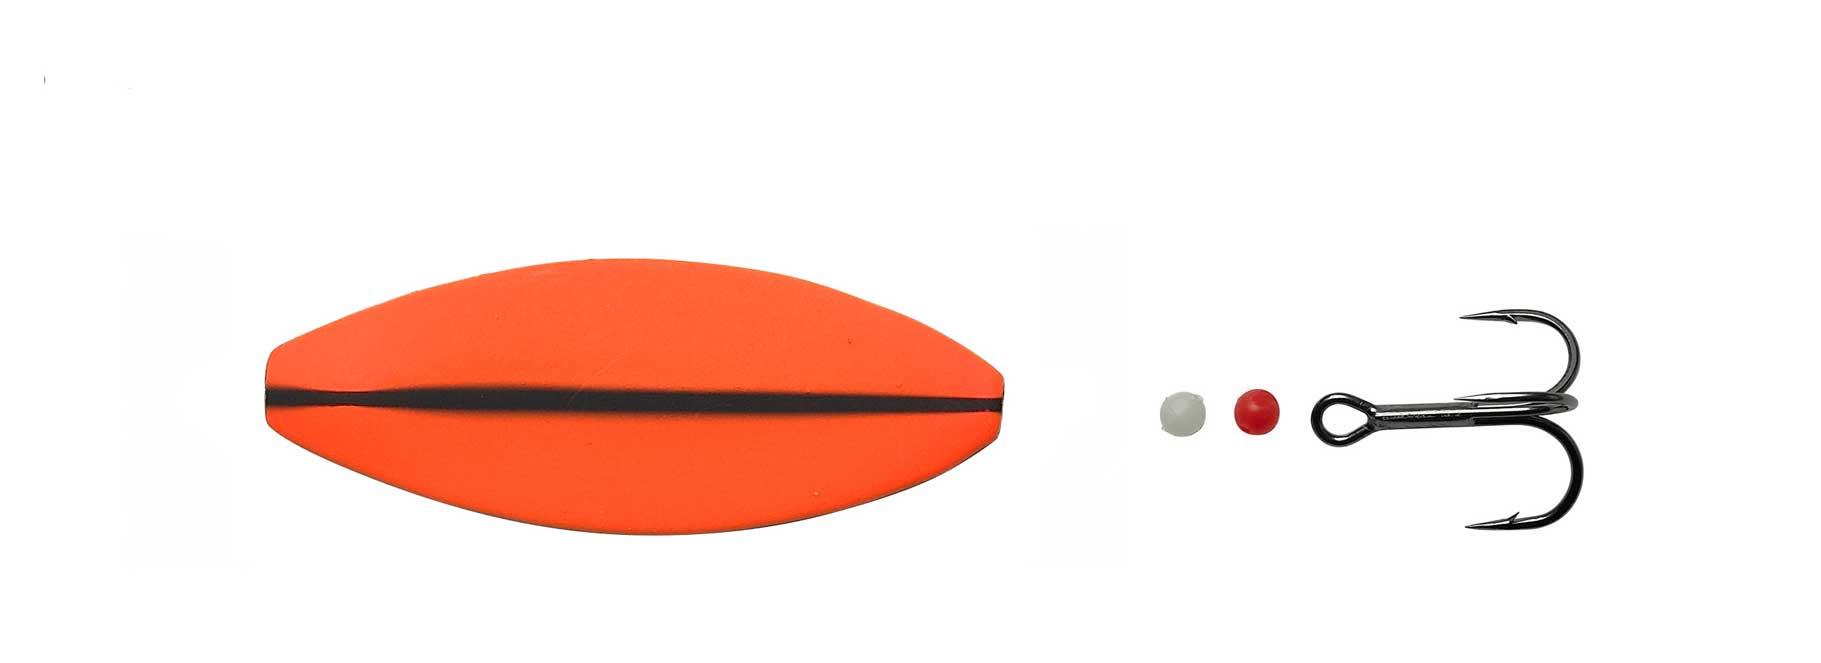 Hansen Snap Shot Inline SD  Scandinavian Design  44mm 7,6g